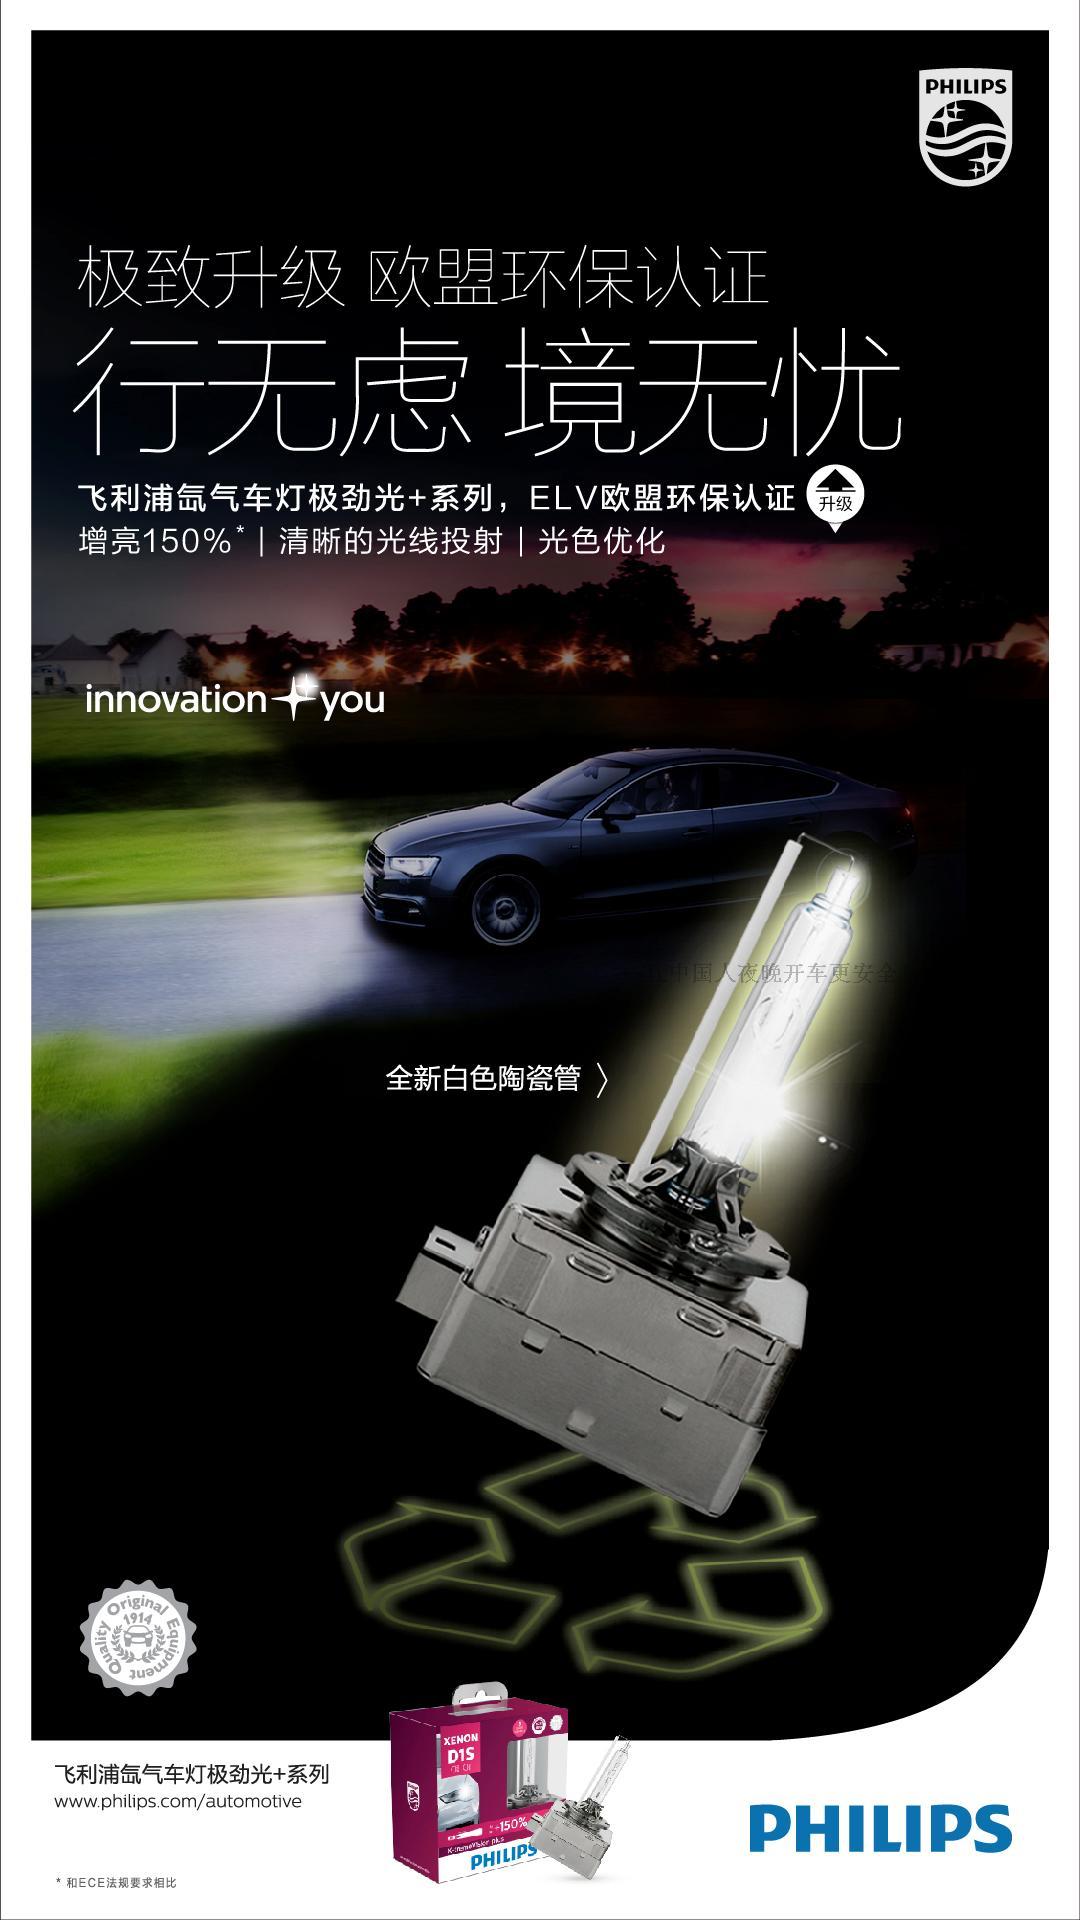 飞利浦XV+ (xv2) 4800K氙气灯